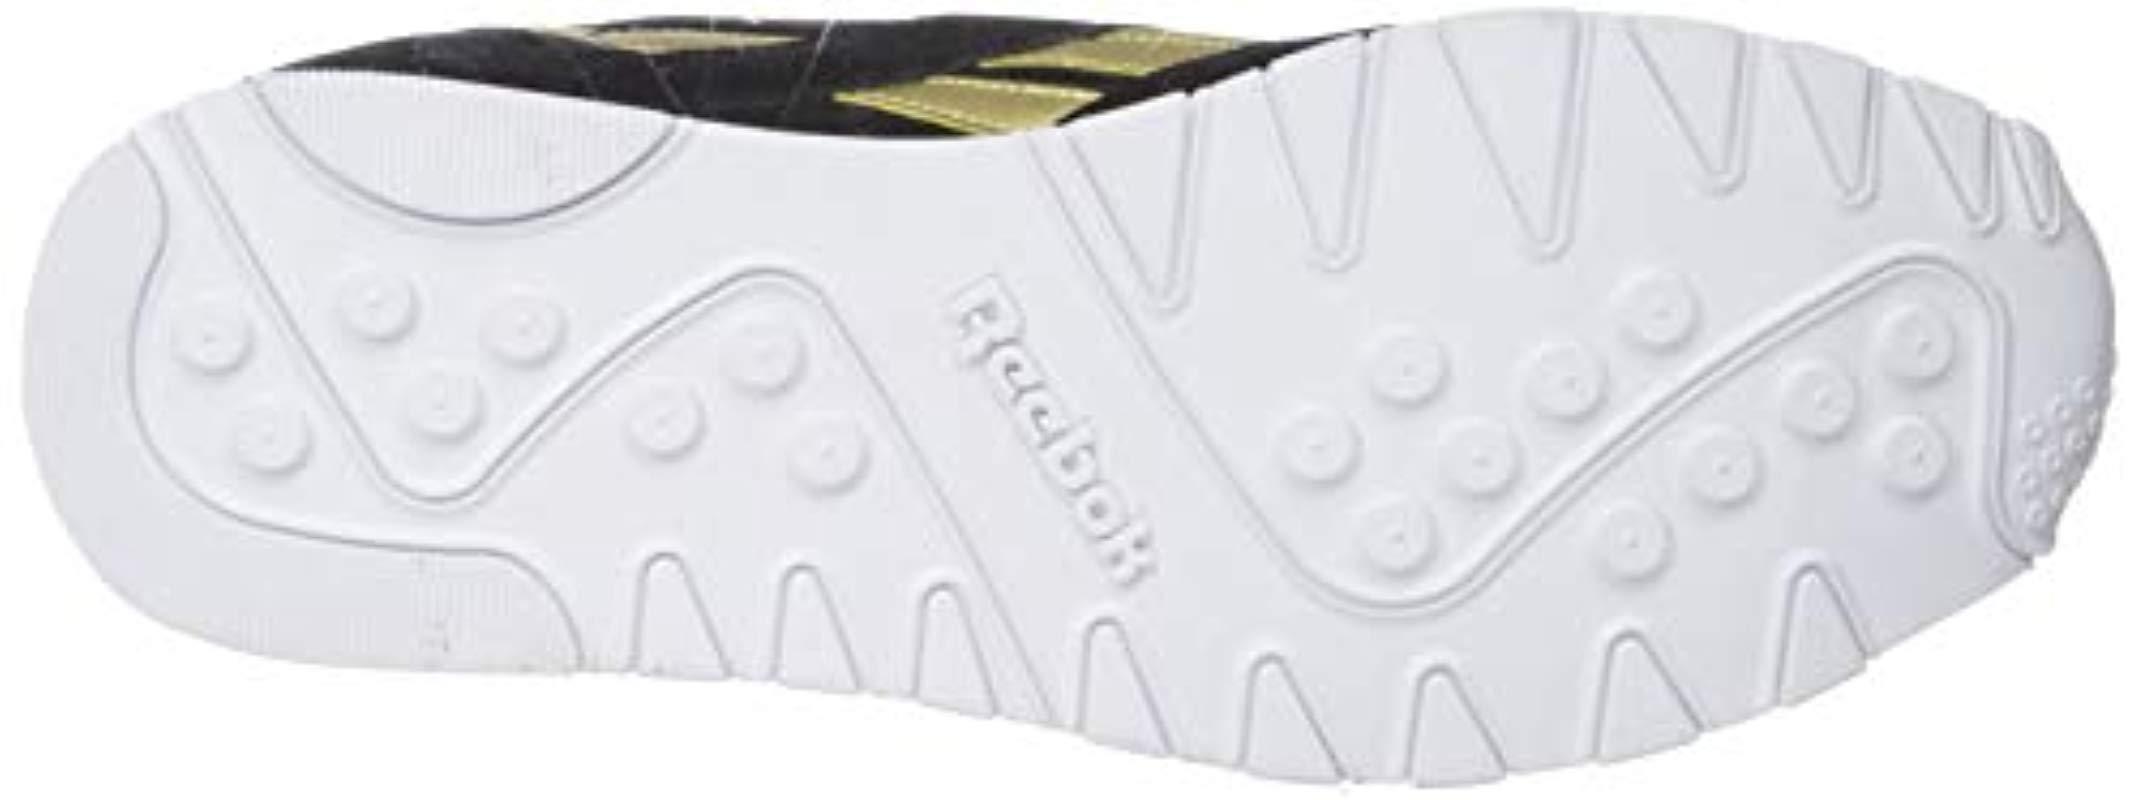 9988a18088d Lyst - Reebok Classic Nylon Sneaker in Black for Men